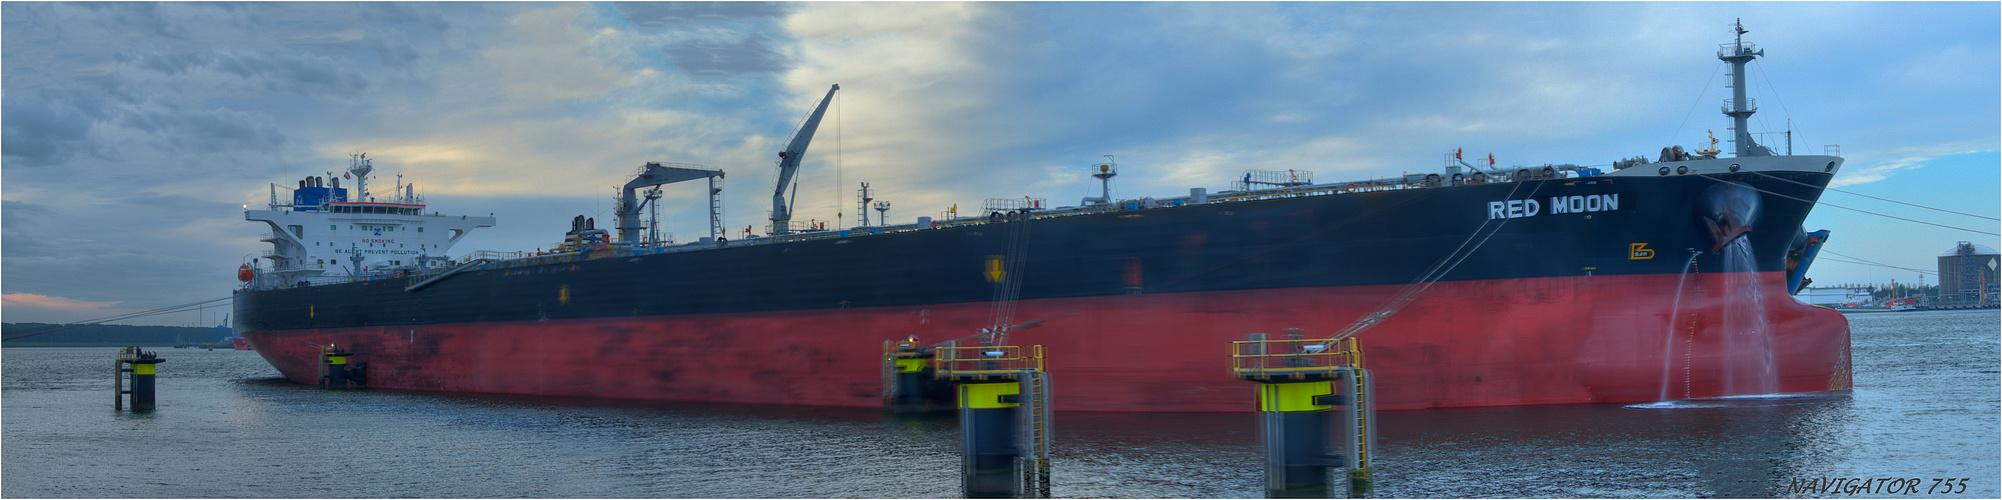 RED MOON, /Crude Oil Tanker. Calandkanal Rotterdam.  Bitte scrollen!